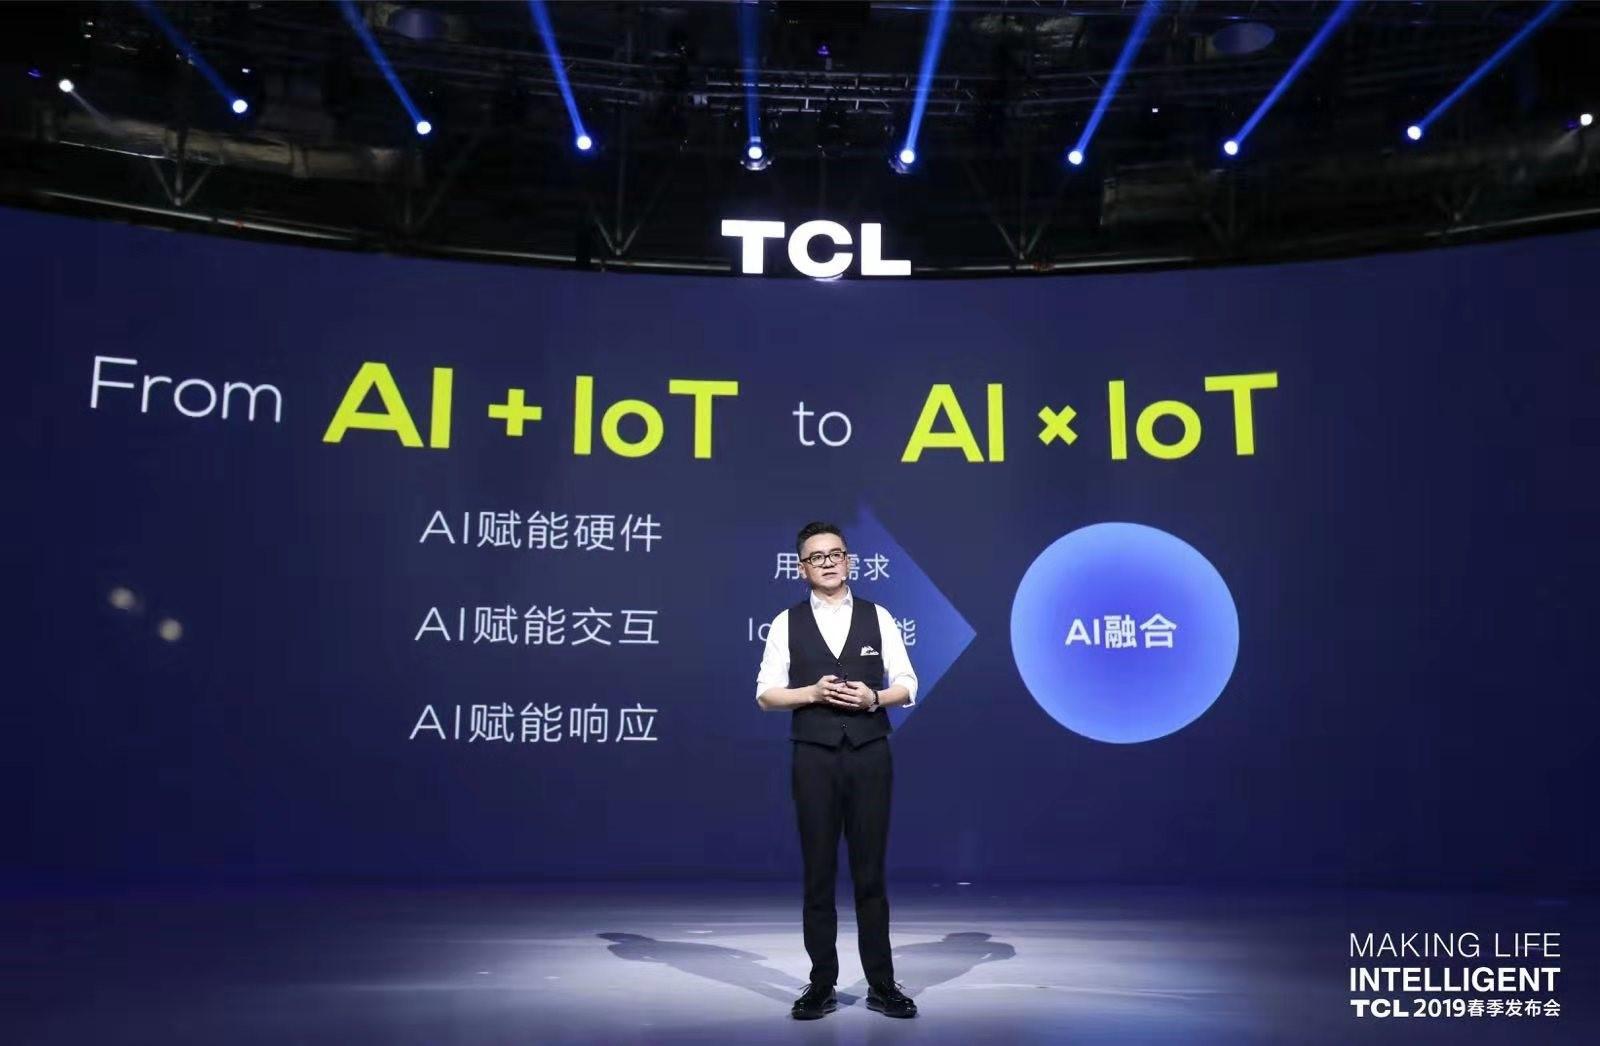 为什么说TCL智能终端将成AI×IoT市场的最大变量?